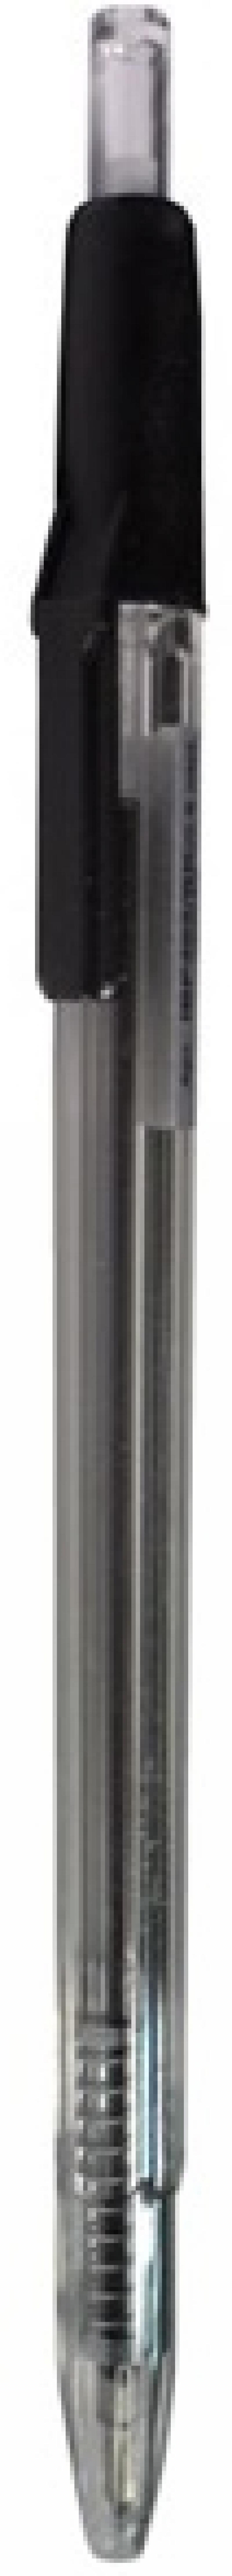 Шариковая ручка автоматическая Index Urbanistik черный 0.8 мм IBP405/BK IBP405/BK шариковая ручка index gamma черный 1 мм ibp349 bk ibp349 bk